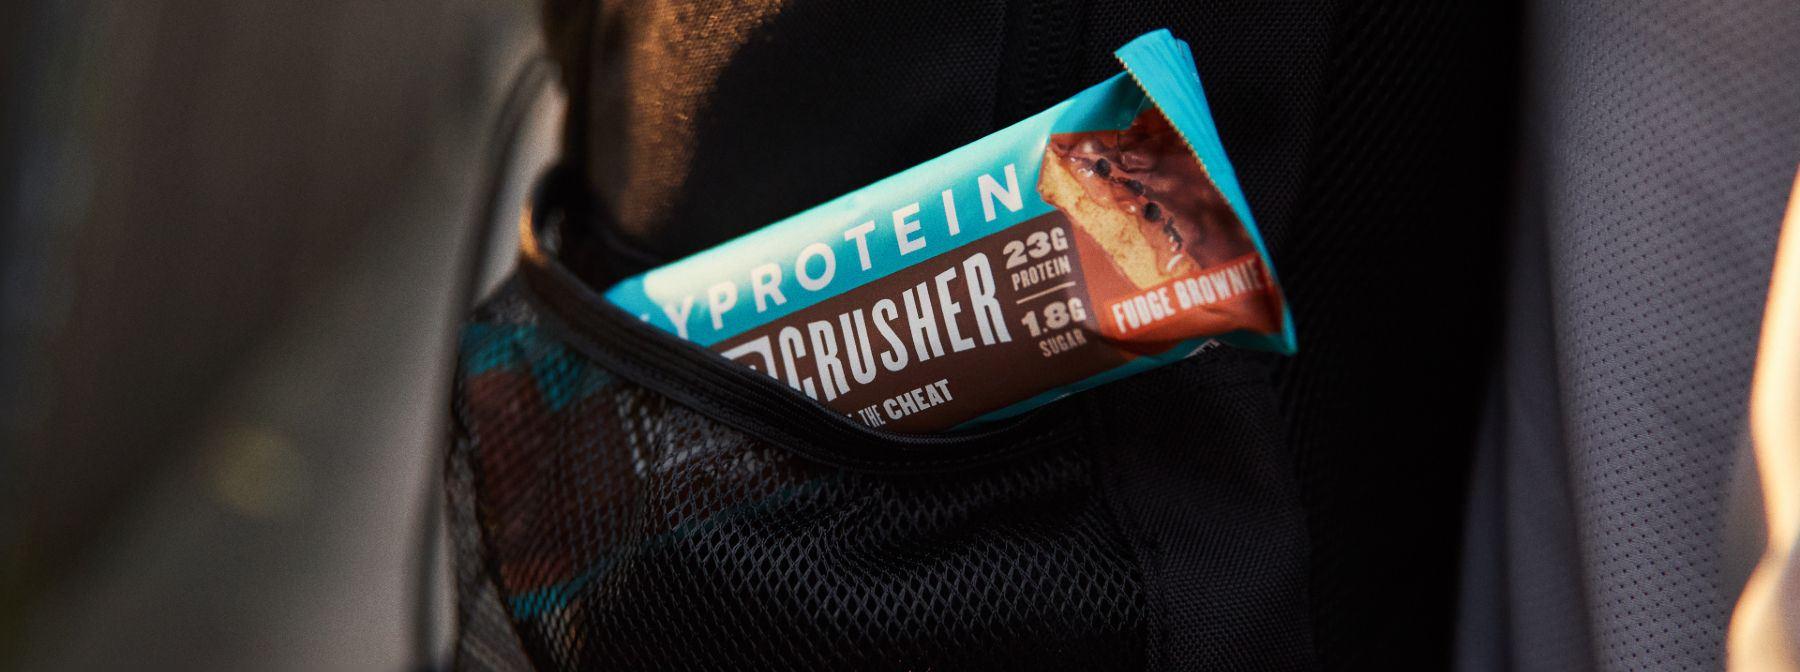 Sind Proteinriegel gut für dich? Gesund oder Hype?